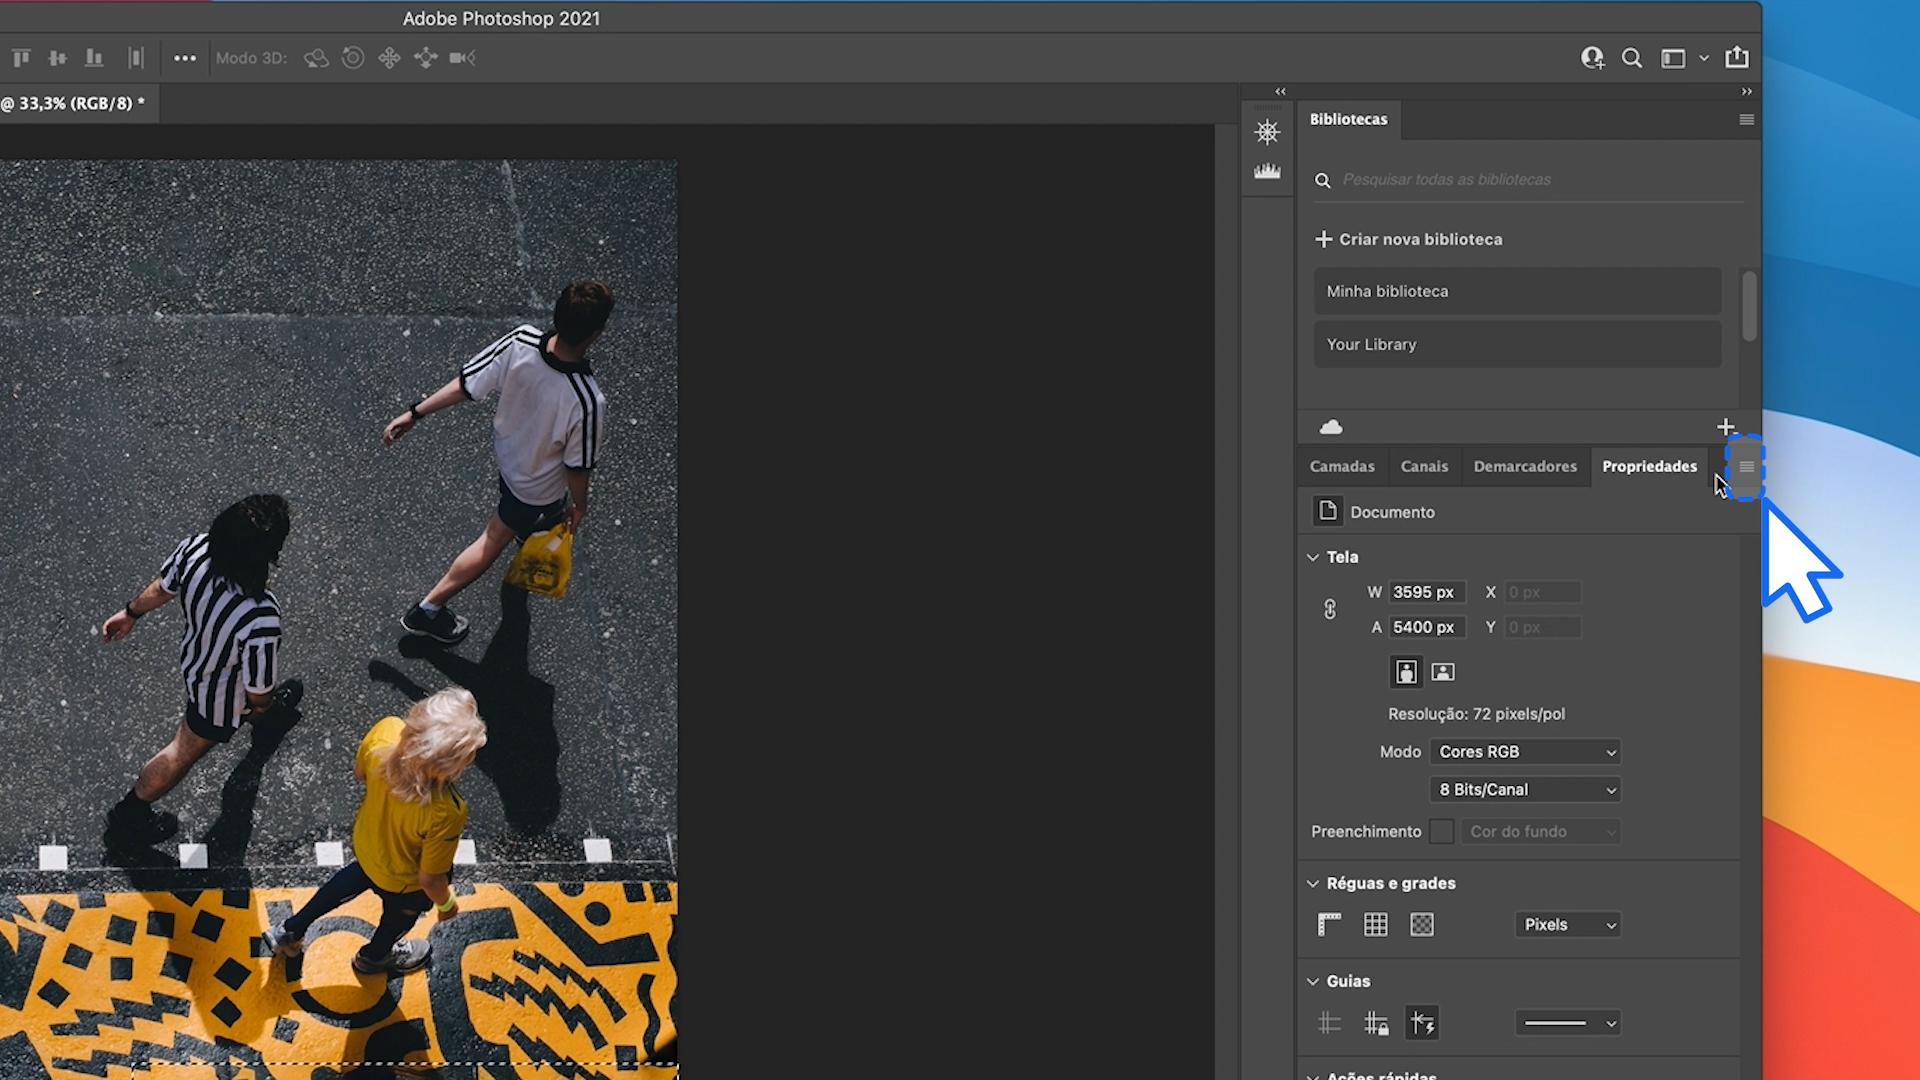 Como mover uma janela do Photoshop - parte 2